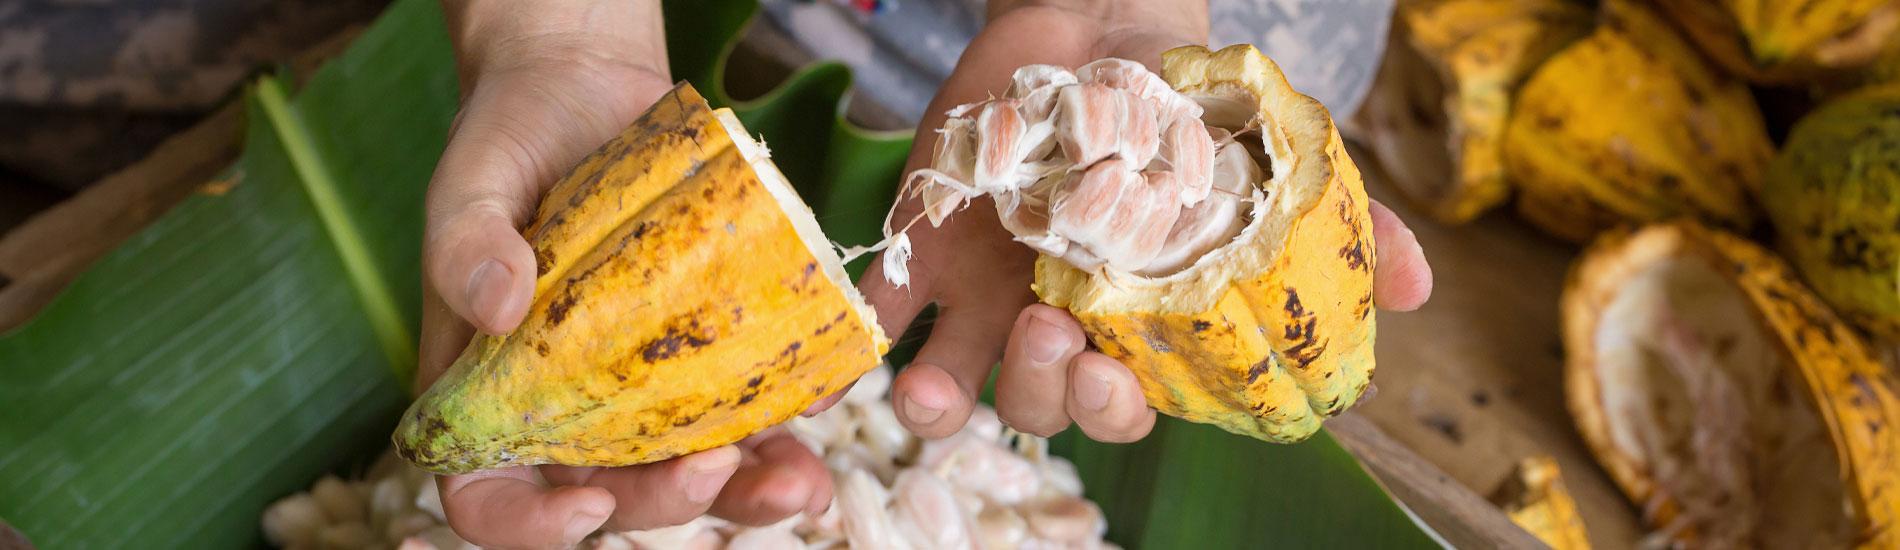 Ecuador Cocoa